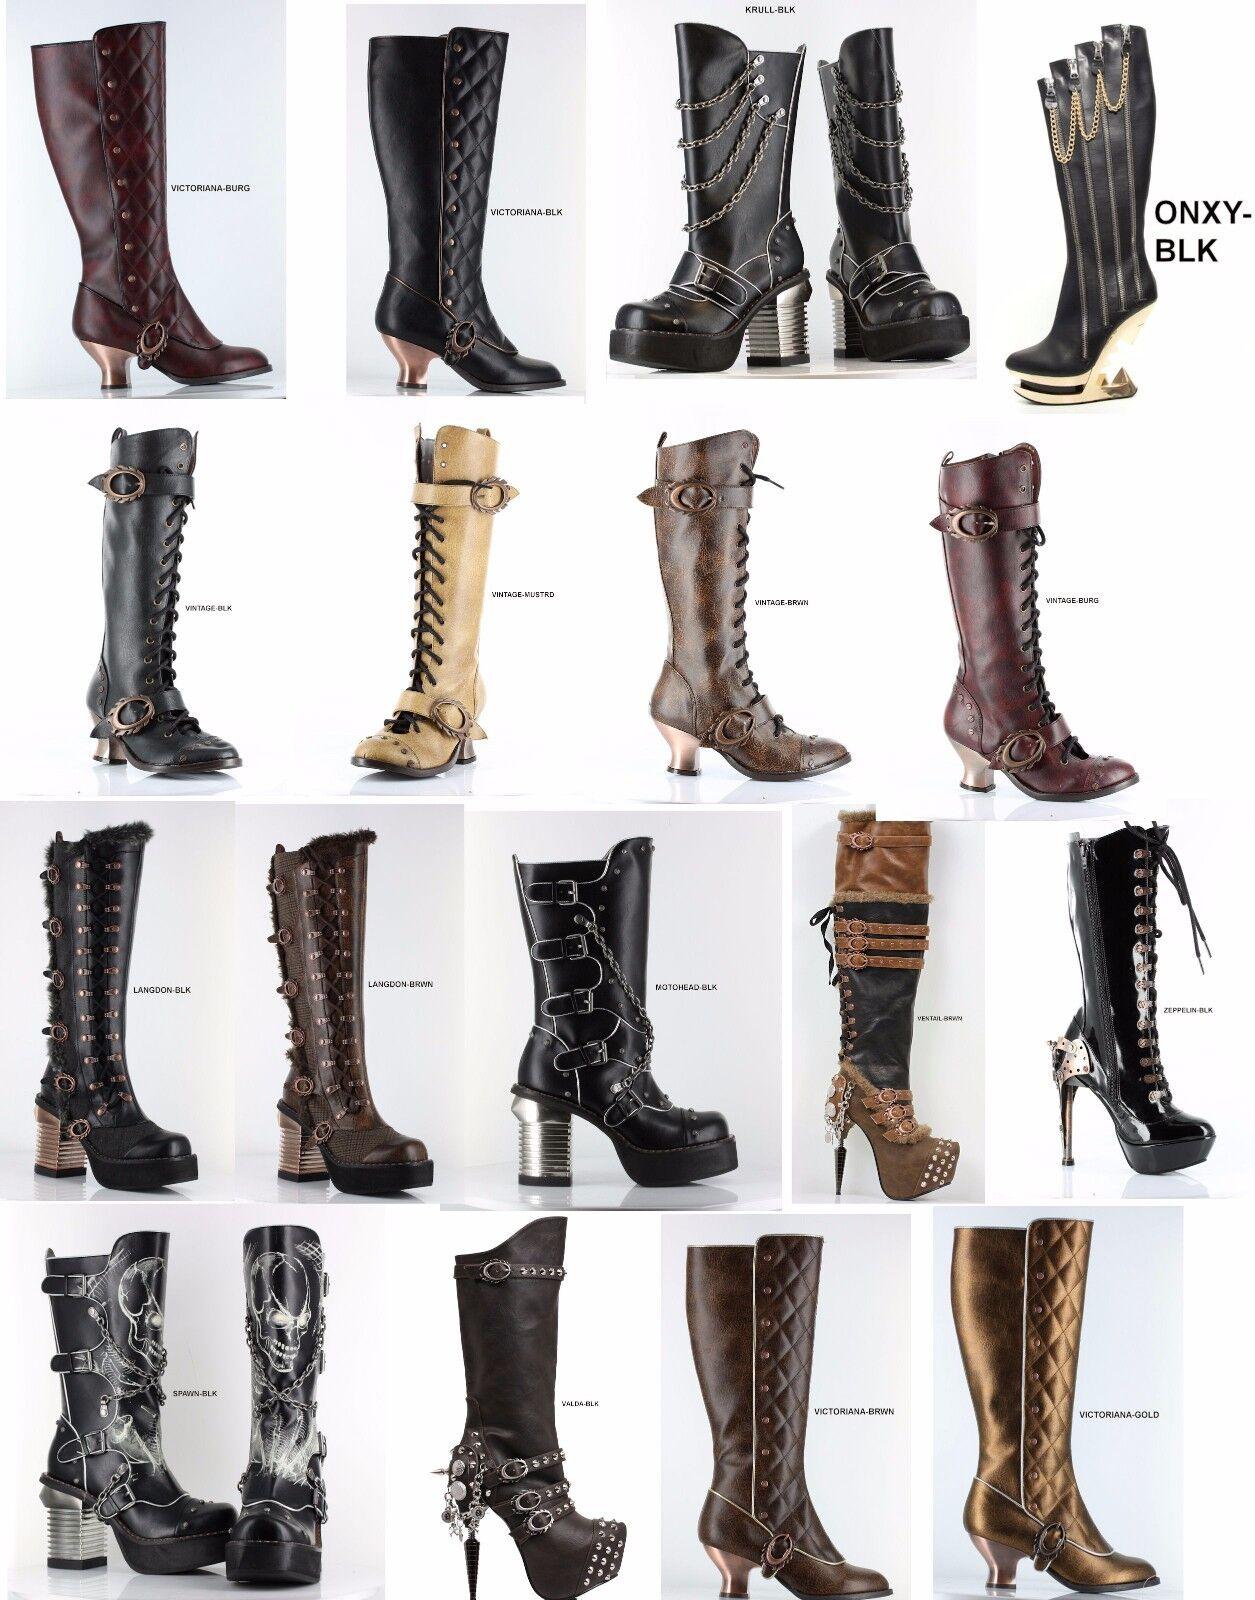 Hades Footwear KRULL LANGDON MOTORHEAD ONYX SPAWN VALDA VICTORIANA VINTAGE Boot